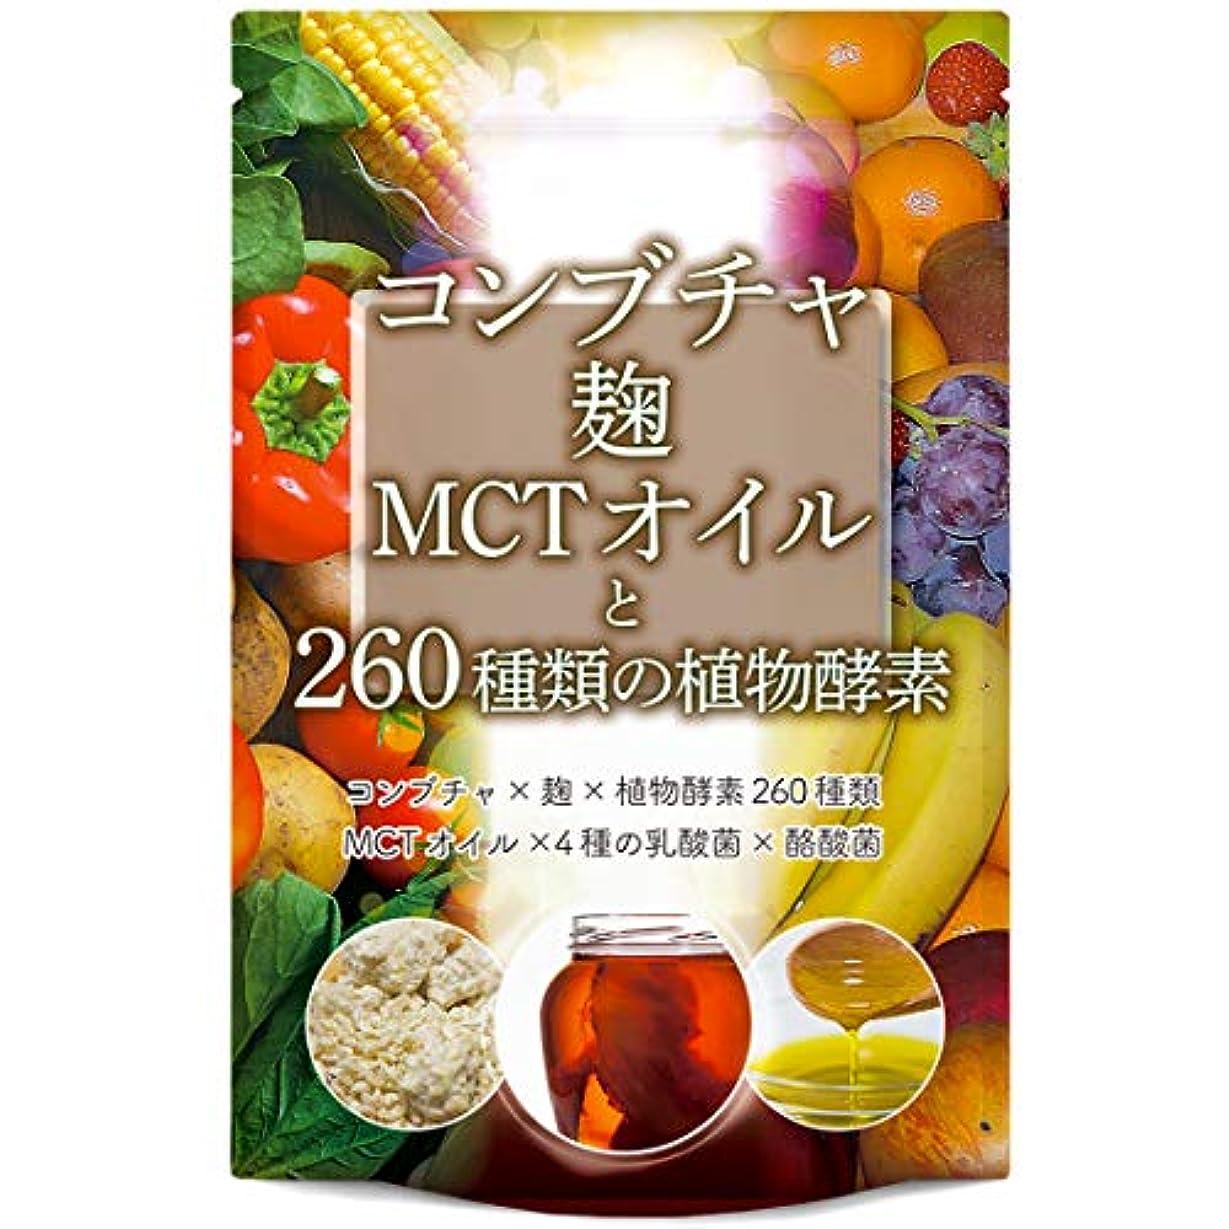 保存すみません裁判官コンブチャ 麹 MCTオイル 260種類の植物酵素 ダイエット サプリメント 30粒 30日分